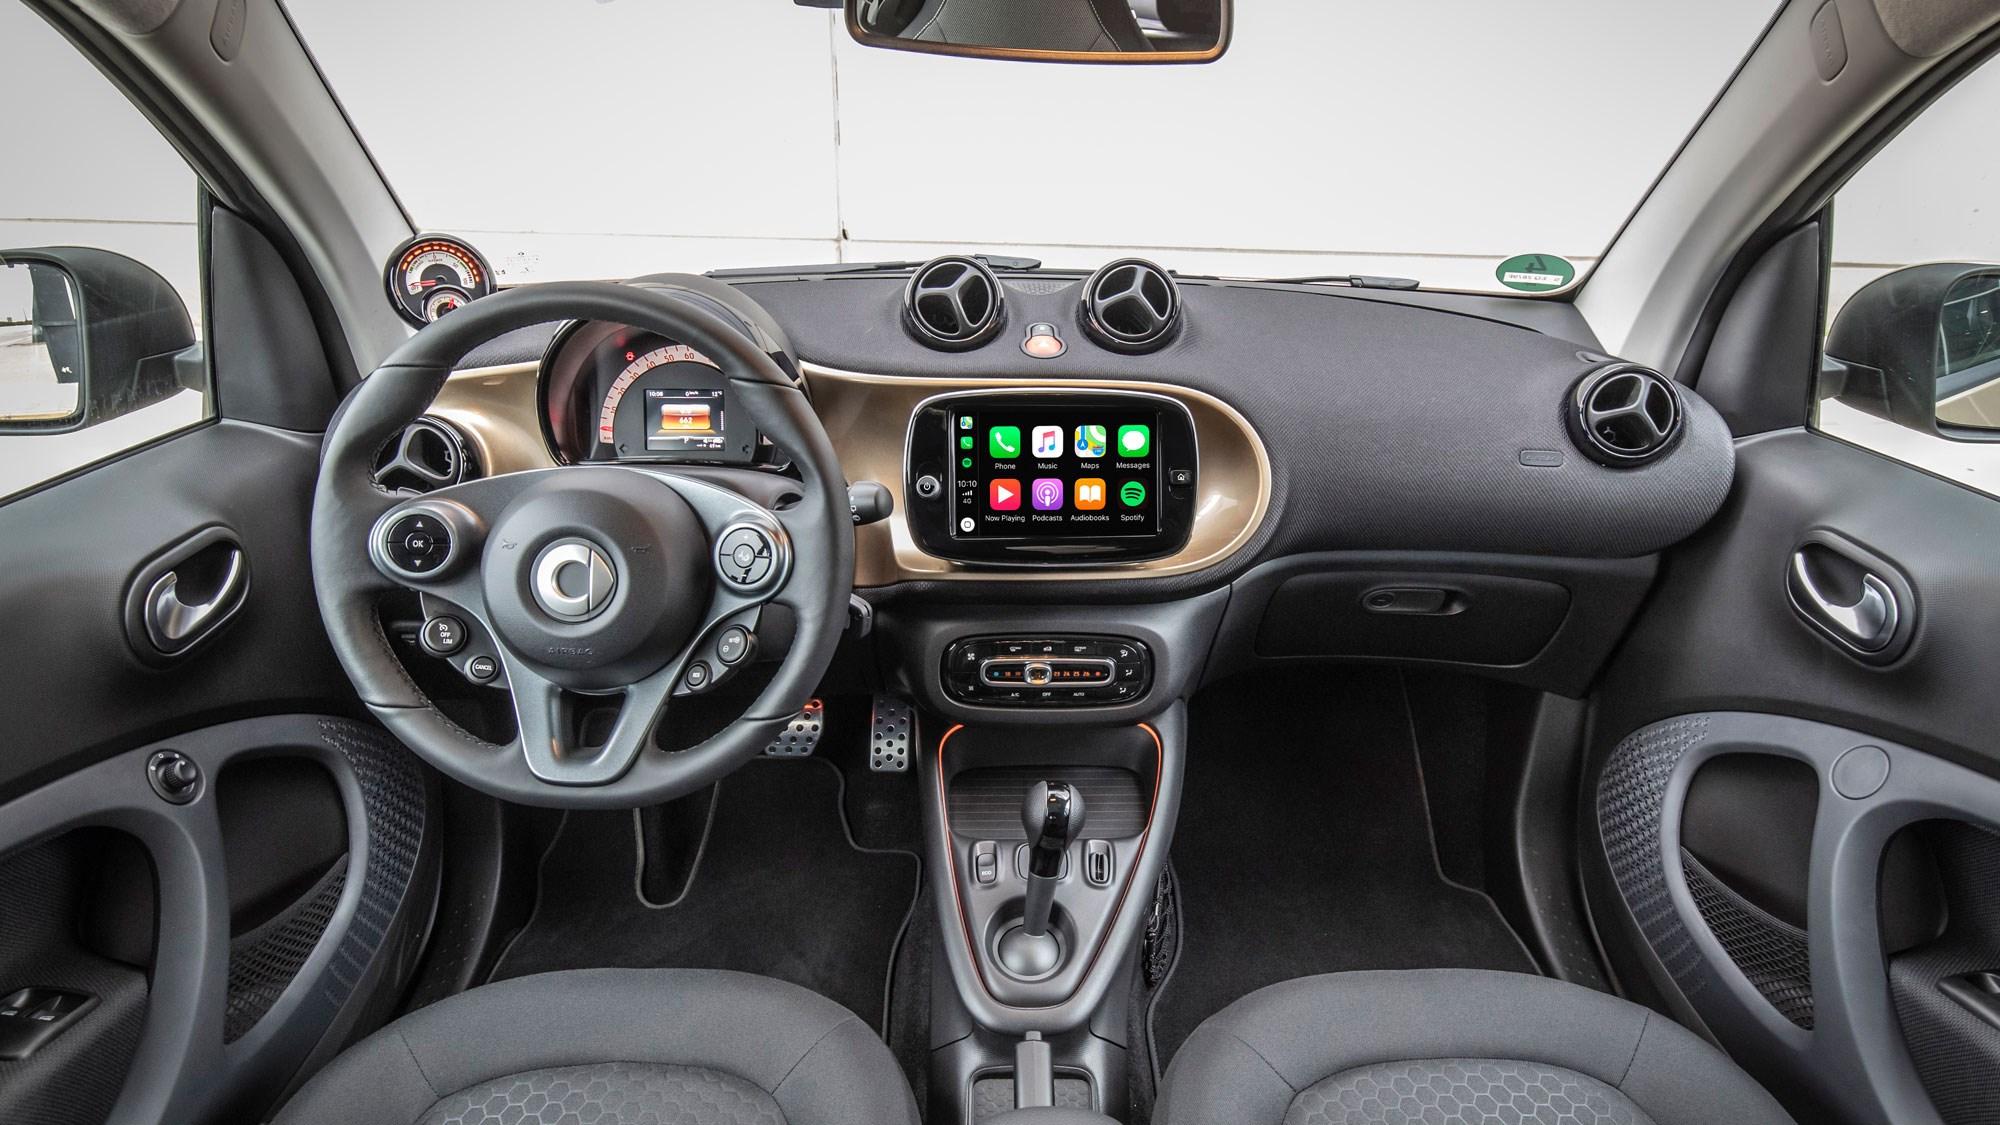 Smart Fortwo EQ interior 2020